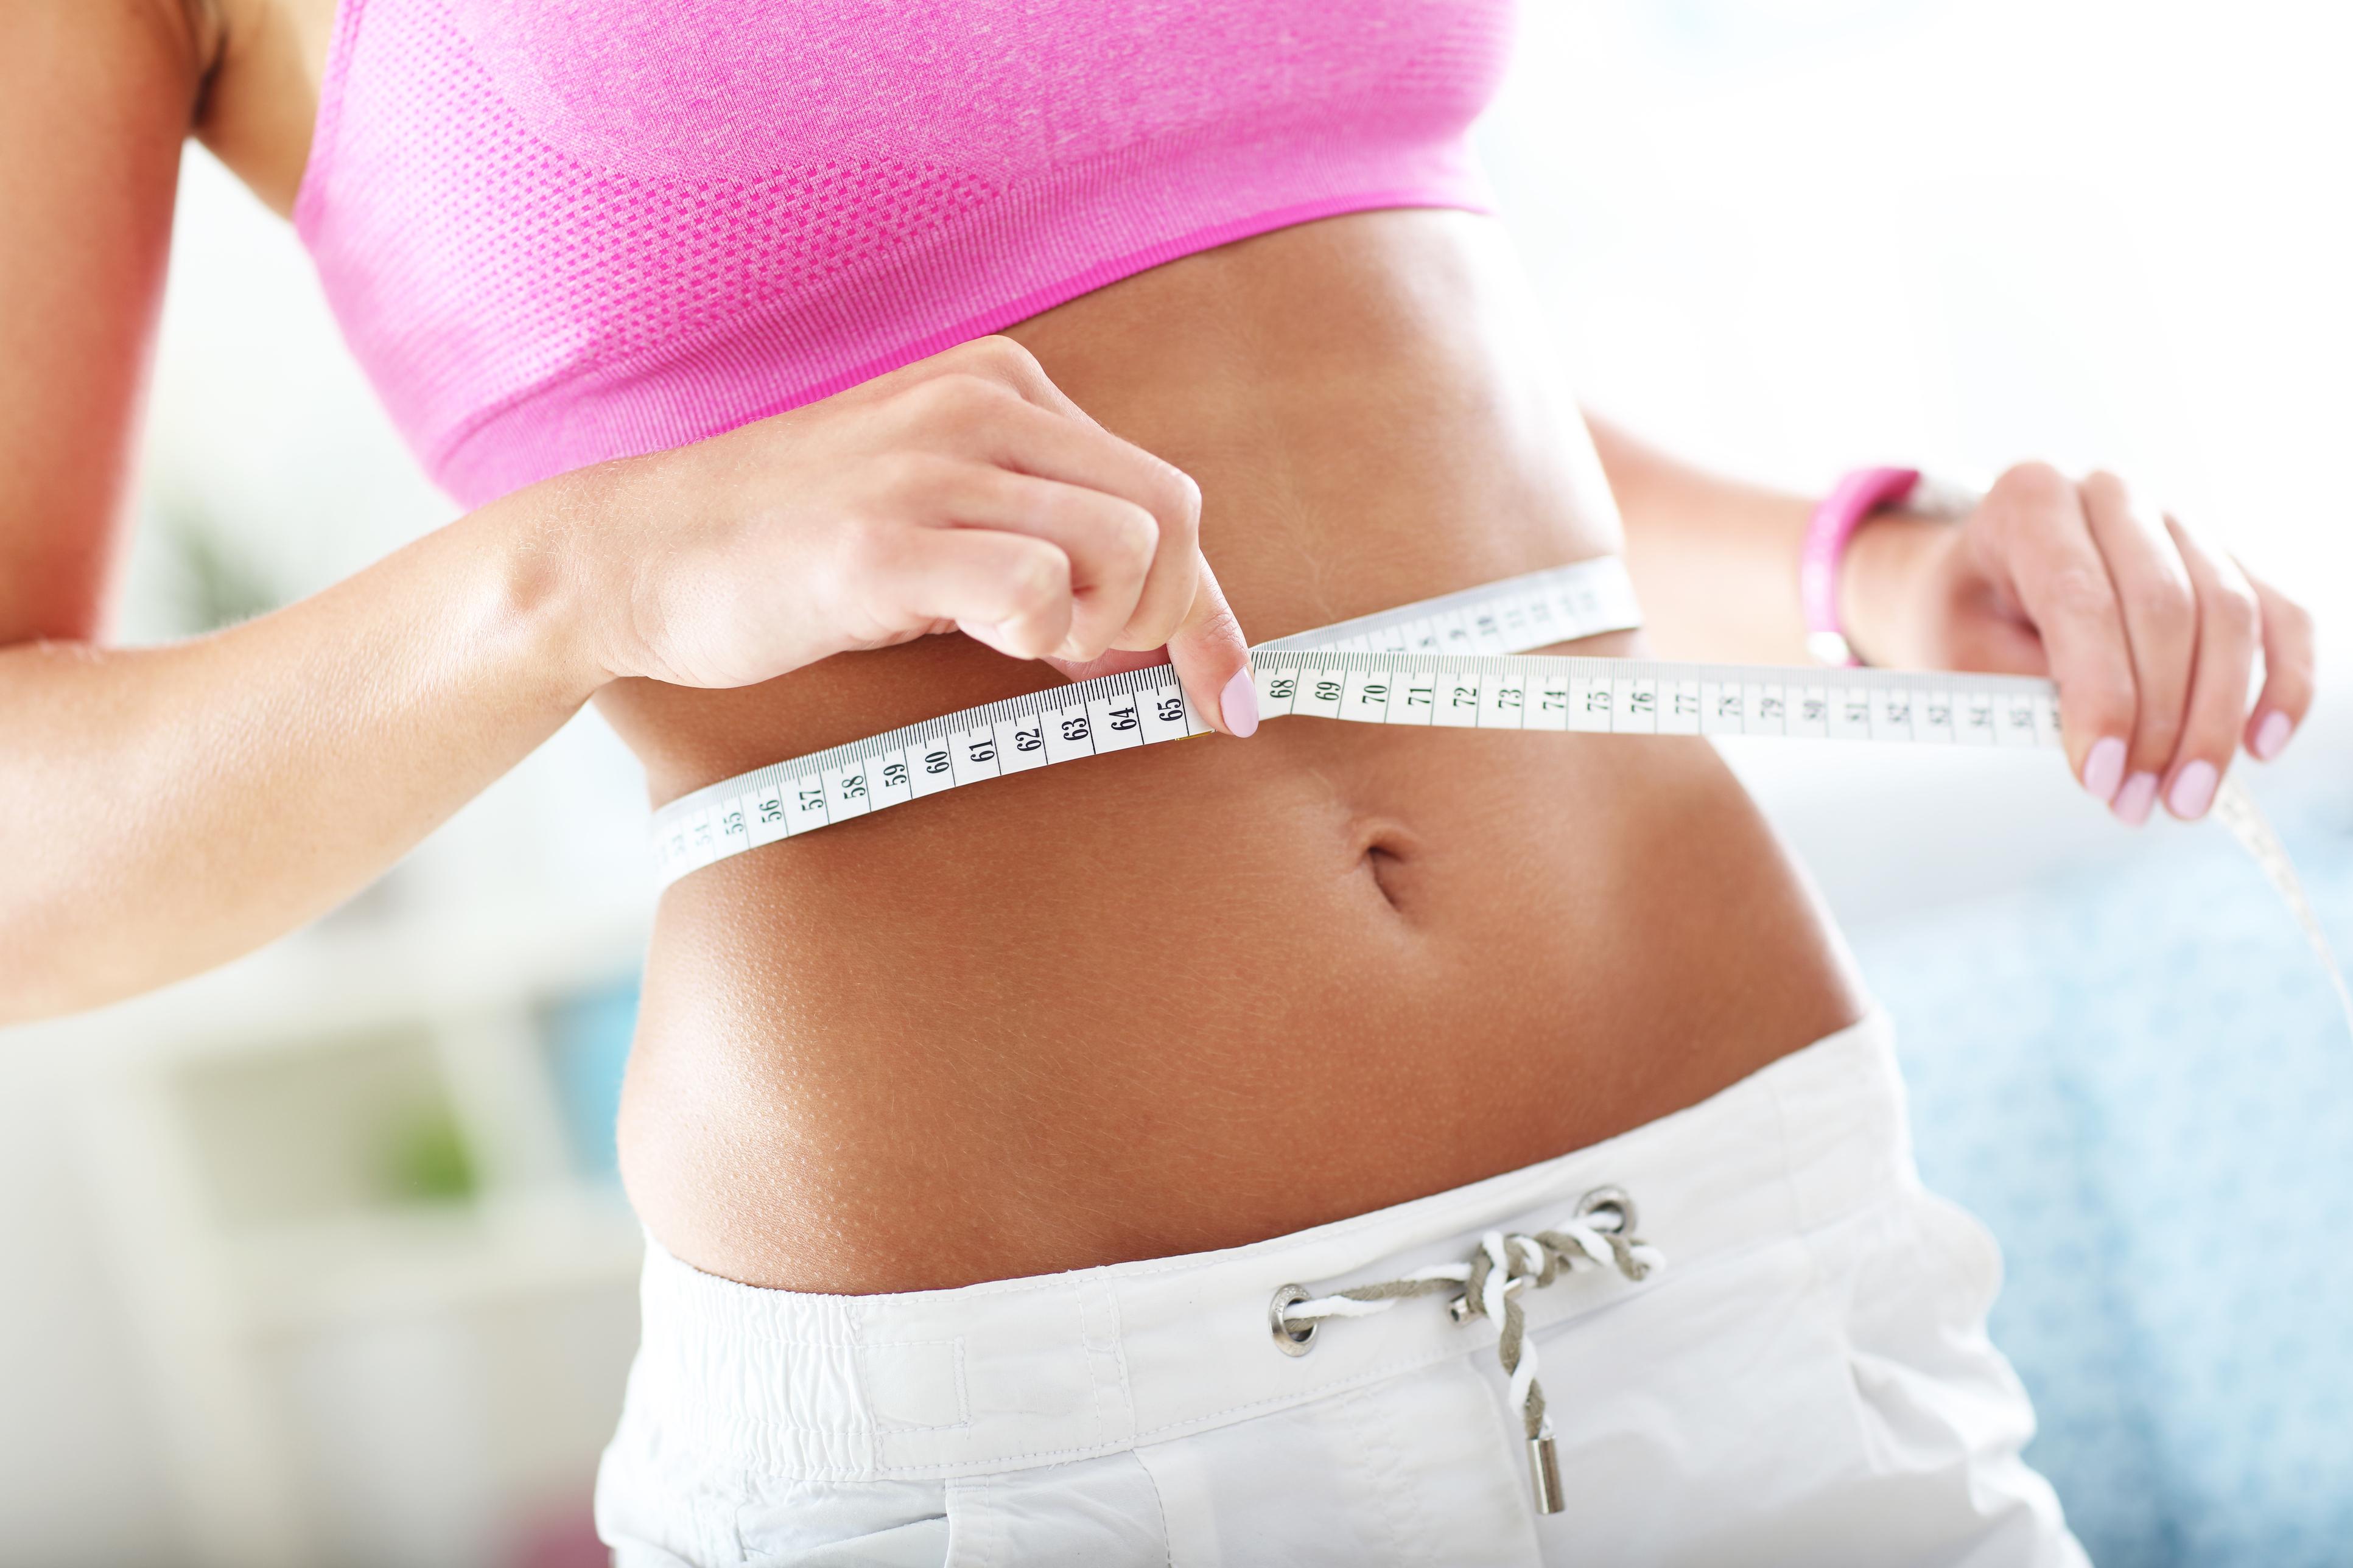 6 розумних порад, які допоможуть схуднути надовго